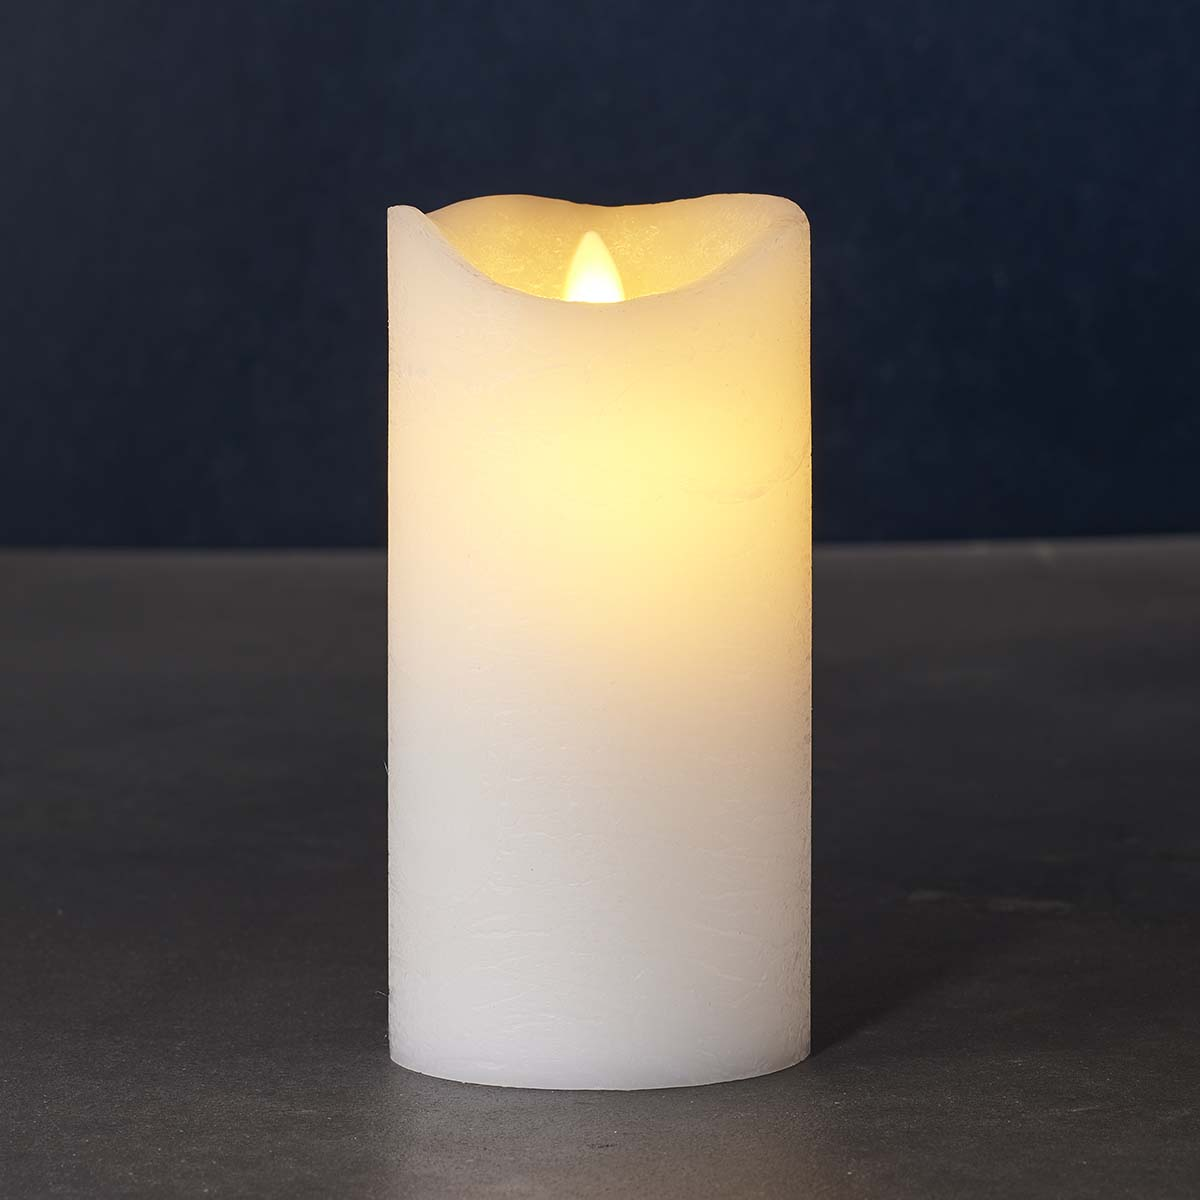 Bougie LED blanche vraie cire flamme vacillante H 15 * D 7,5 cm